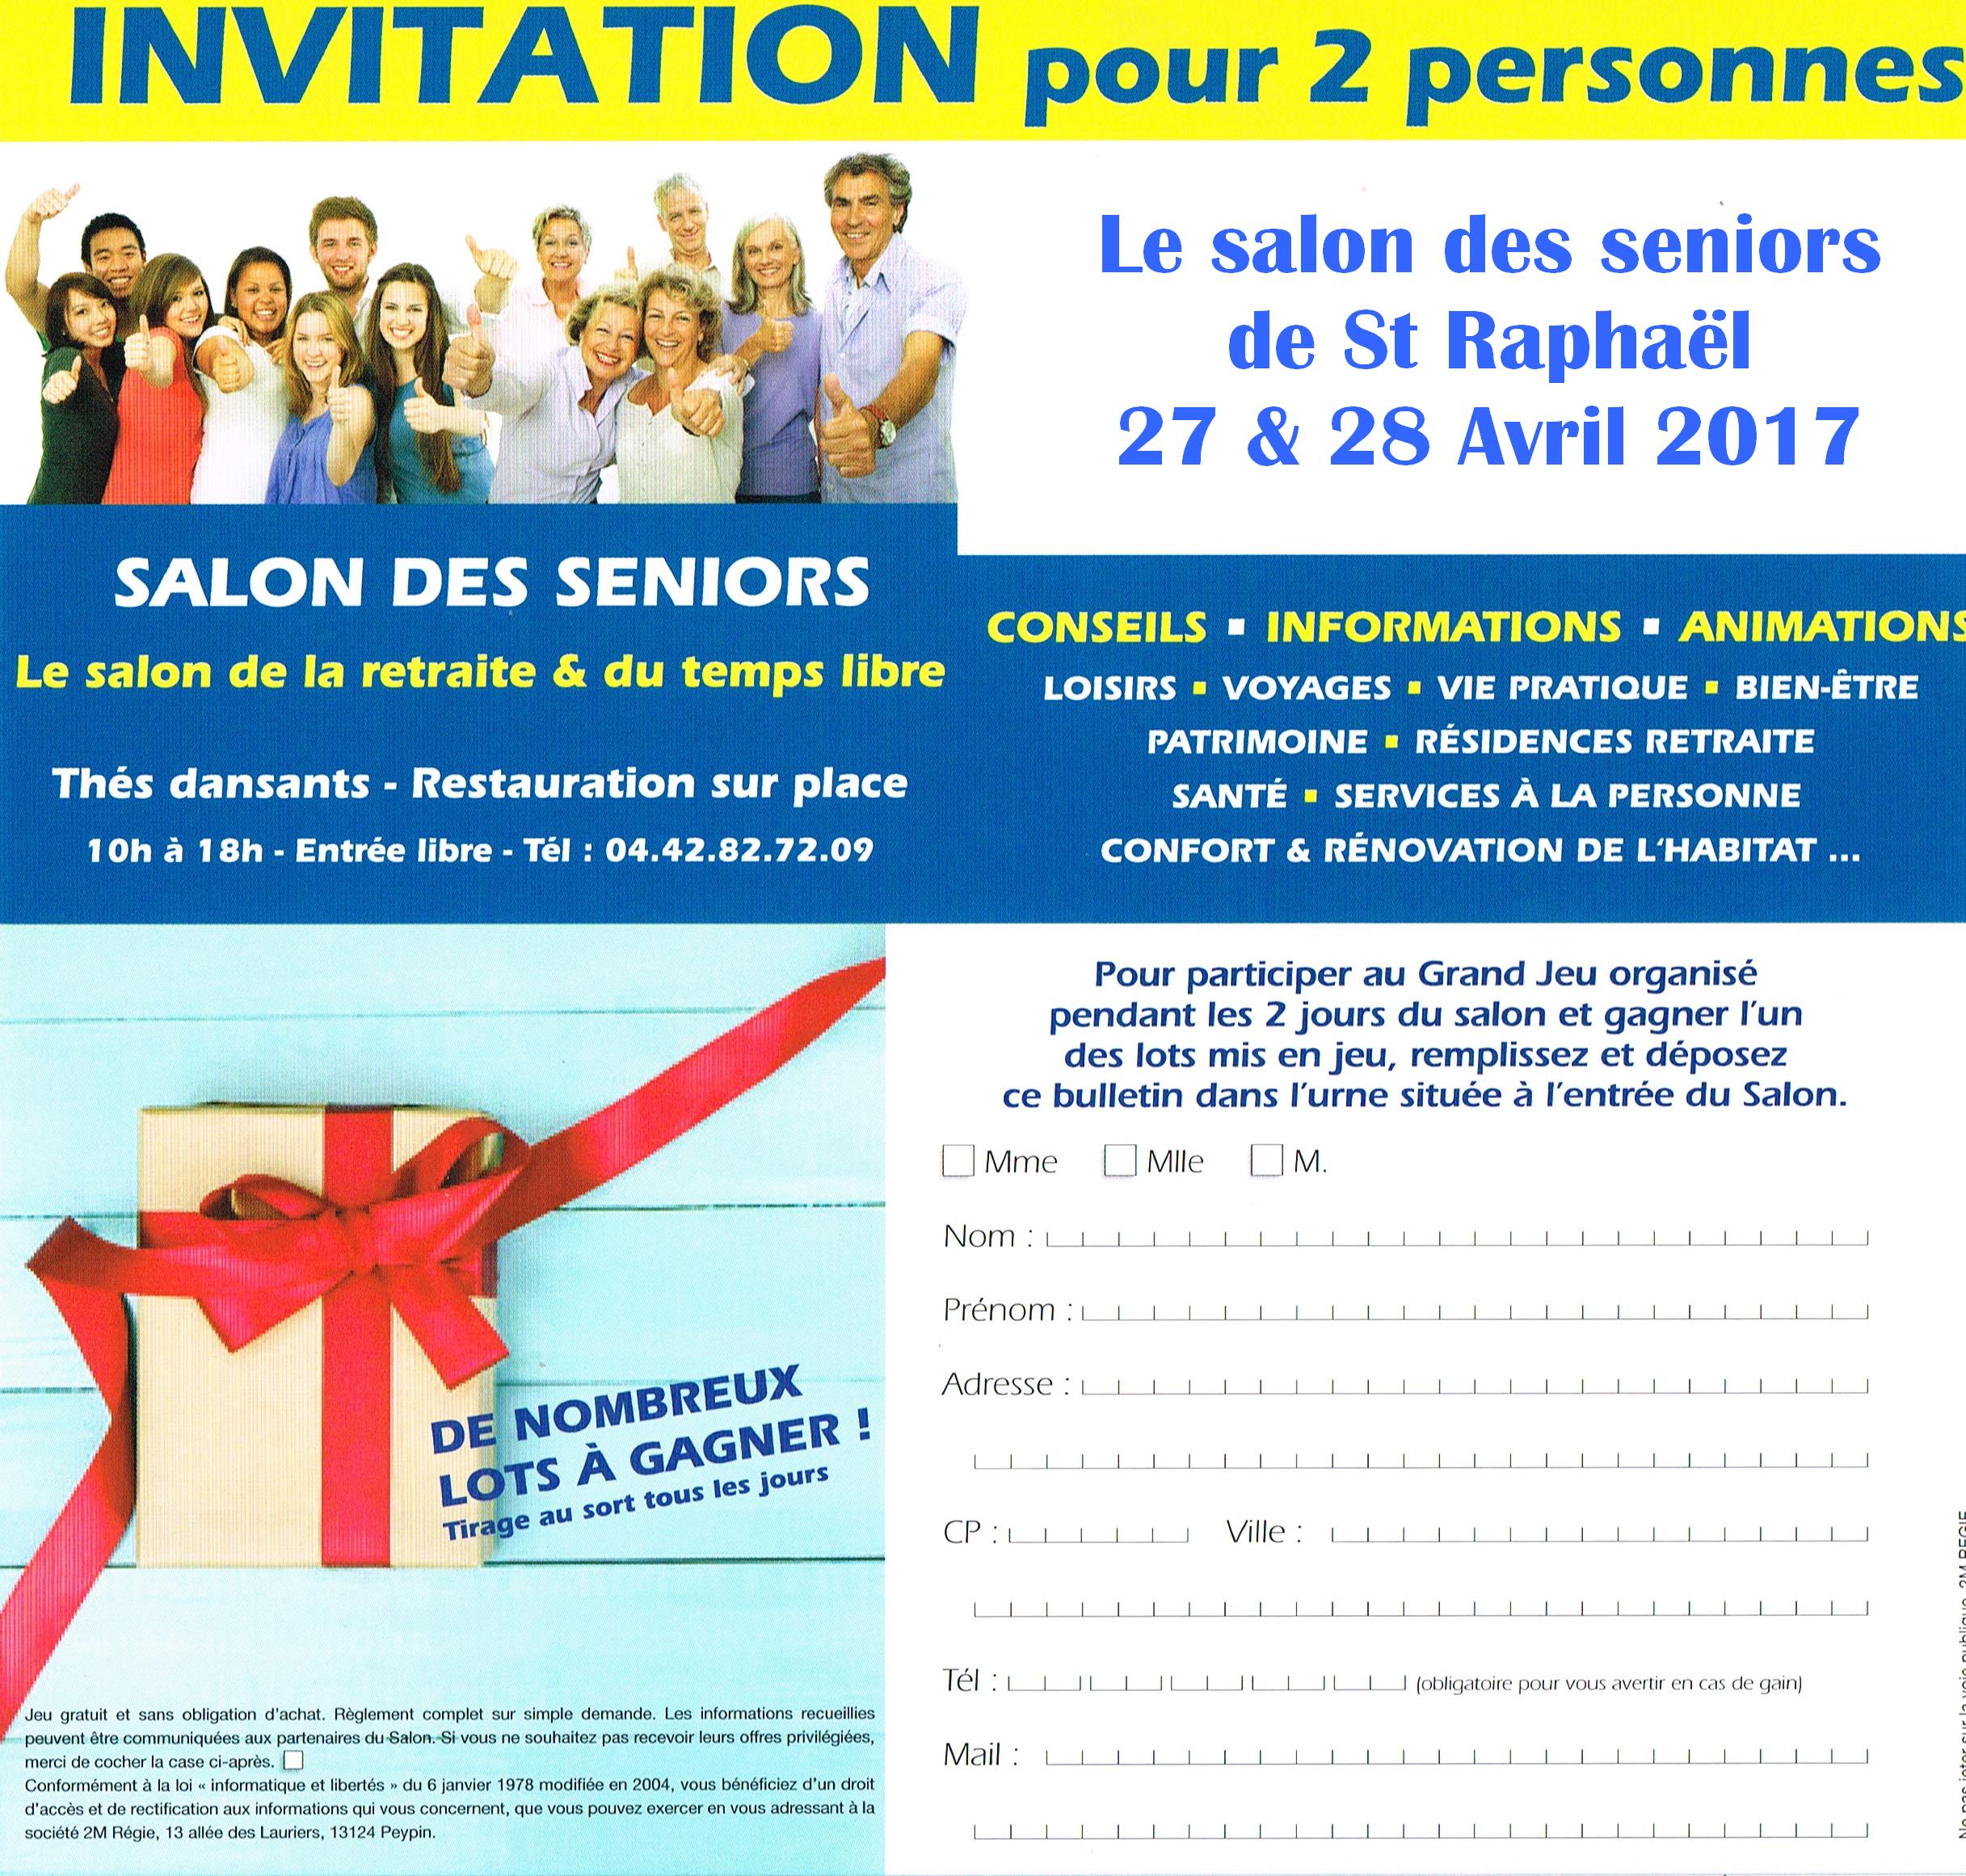 Saint rapha l for Salon des seniors 2017